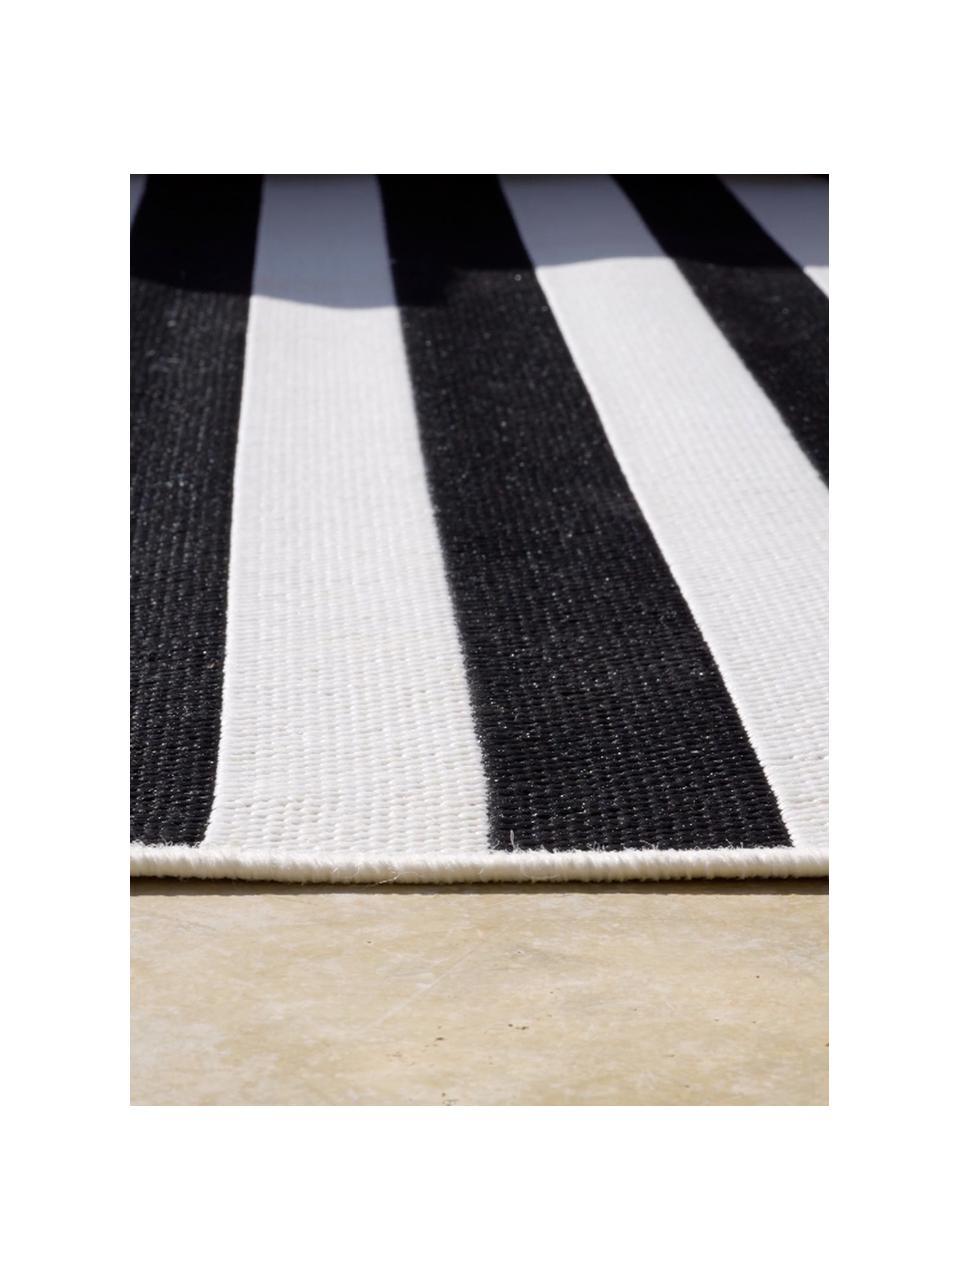 Gestreifter In- & Outdoor-Teppich Axa in Schwarz/Weiß, 86% Polypropylen, 14% Polyester, Cremeweiß, Schwarz, B 200 x L 290 cm (Größe L)